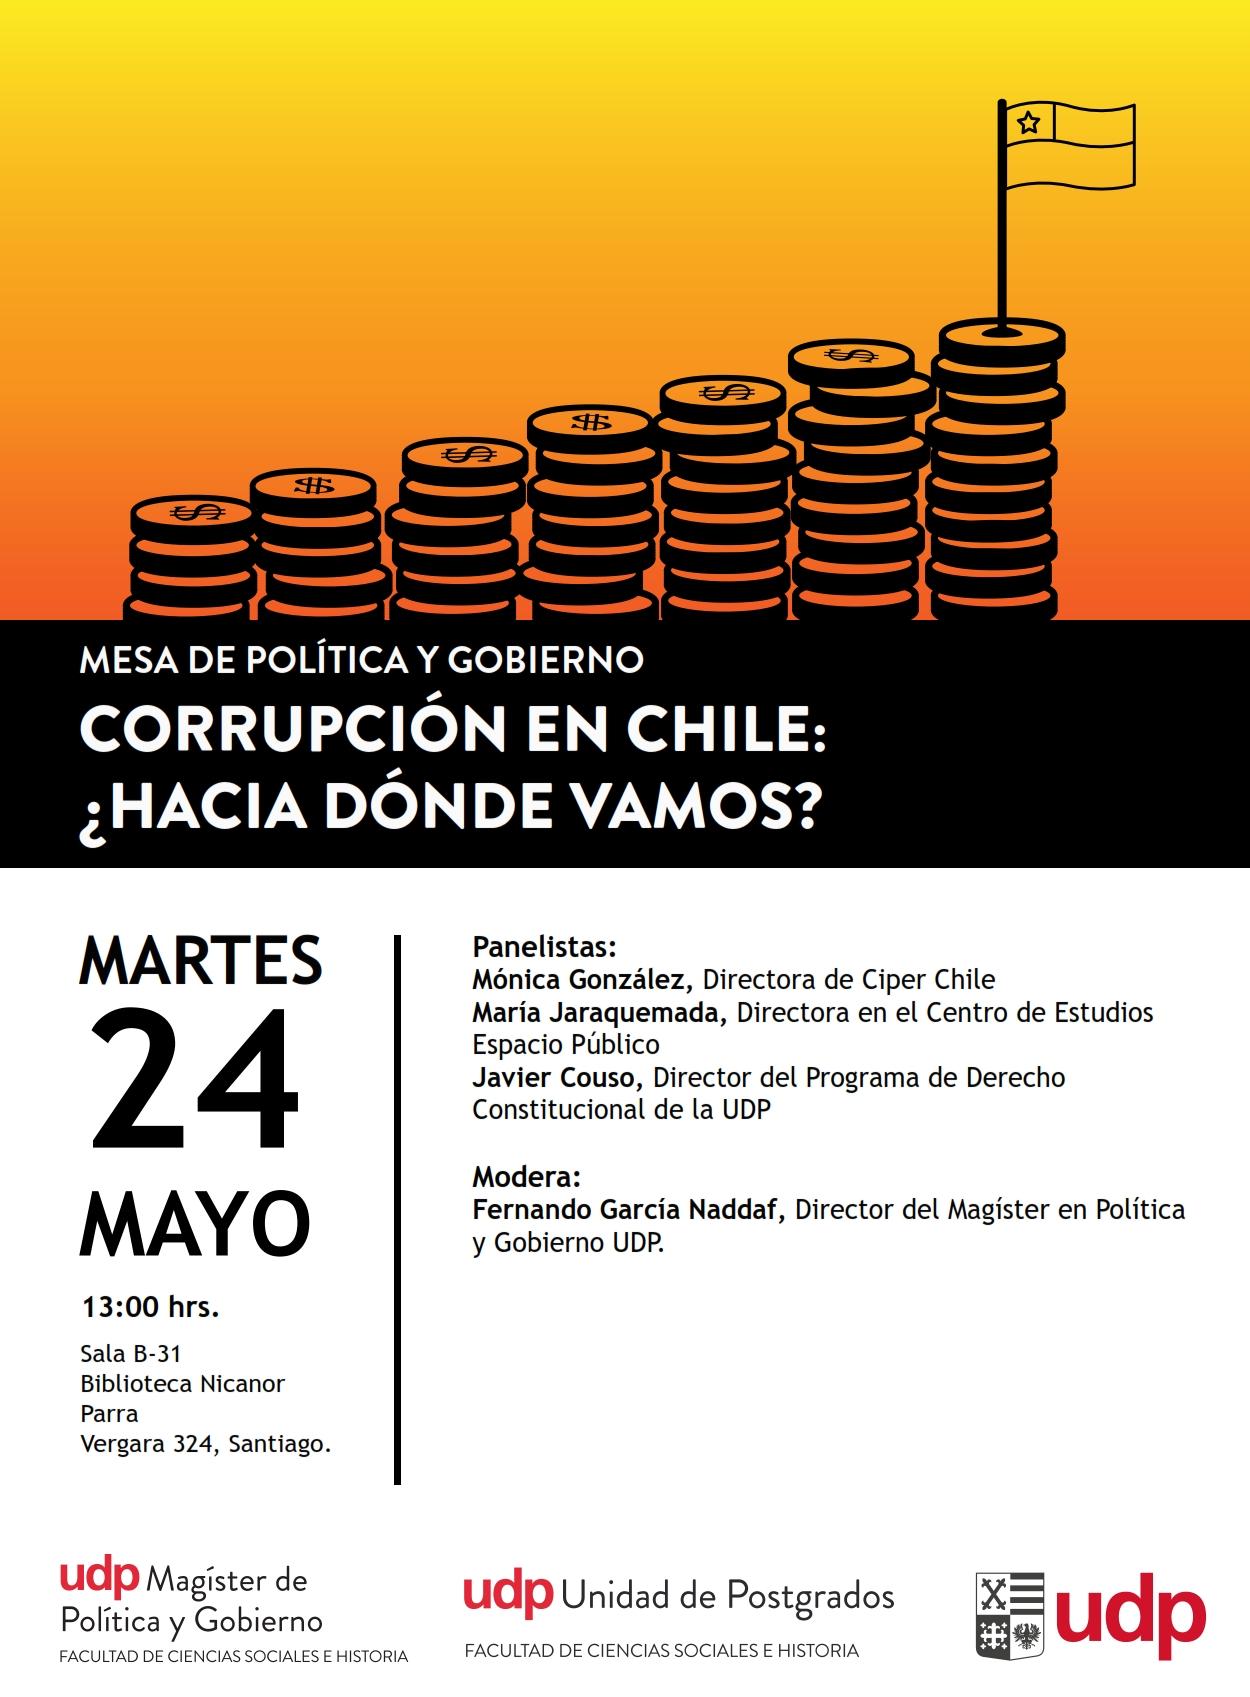 Mailing CORRUPCIOìN EN CHILE (1)